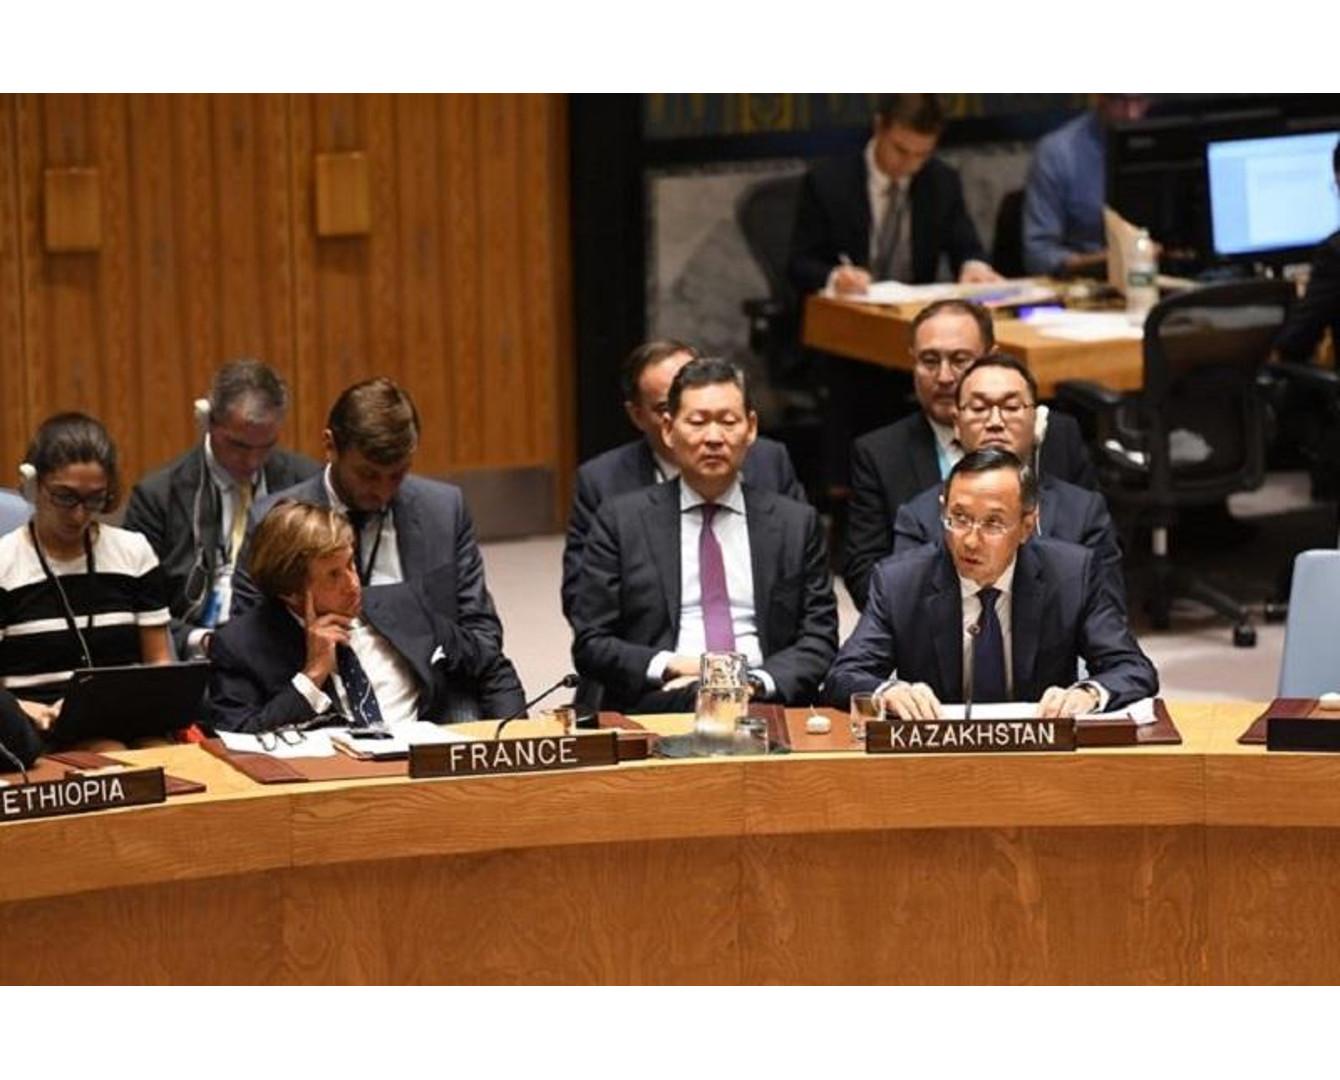 Казахстан в СБ ООН: Ядерные державы должны быть в авангарде борьбы за безъядерный мир